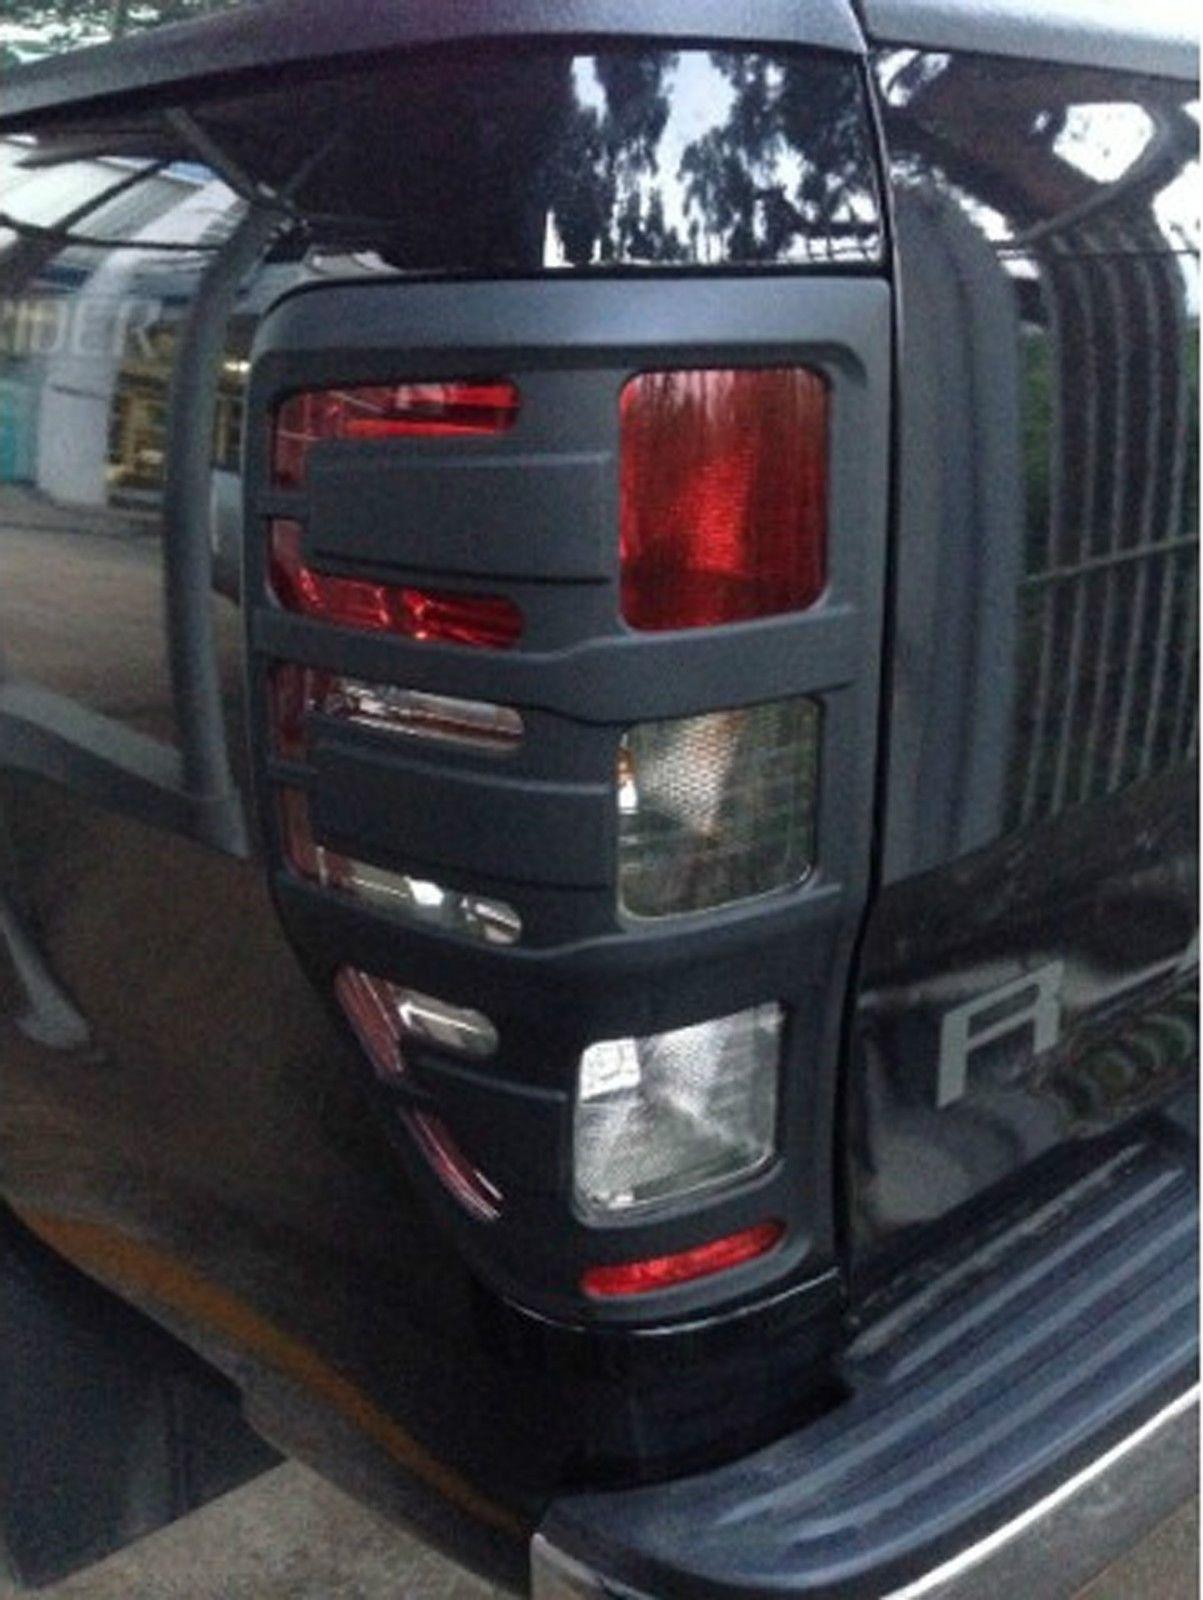 Ford ranger grill ford ranger raptor grille replacemet matt black pick up tops uk ford ranger hardtop covers pinterest ford ranger 4x4 and ford